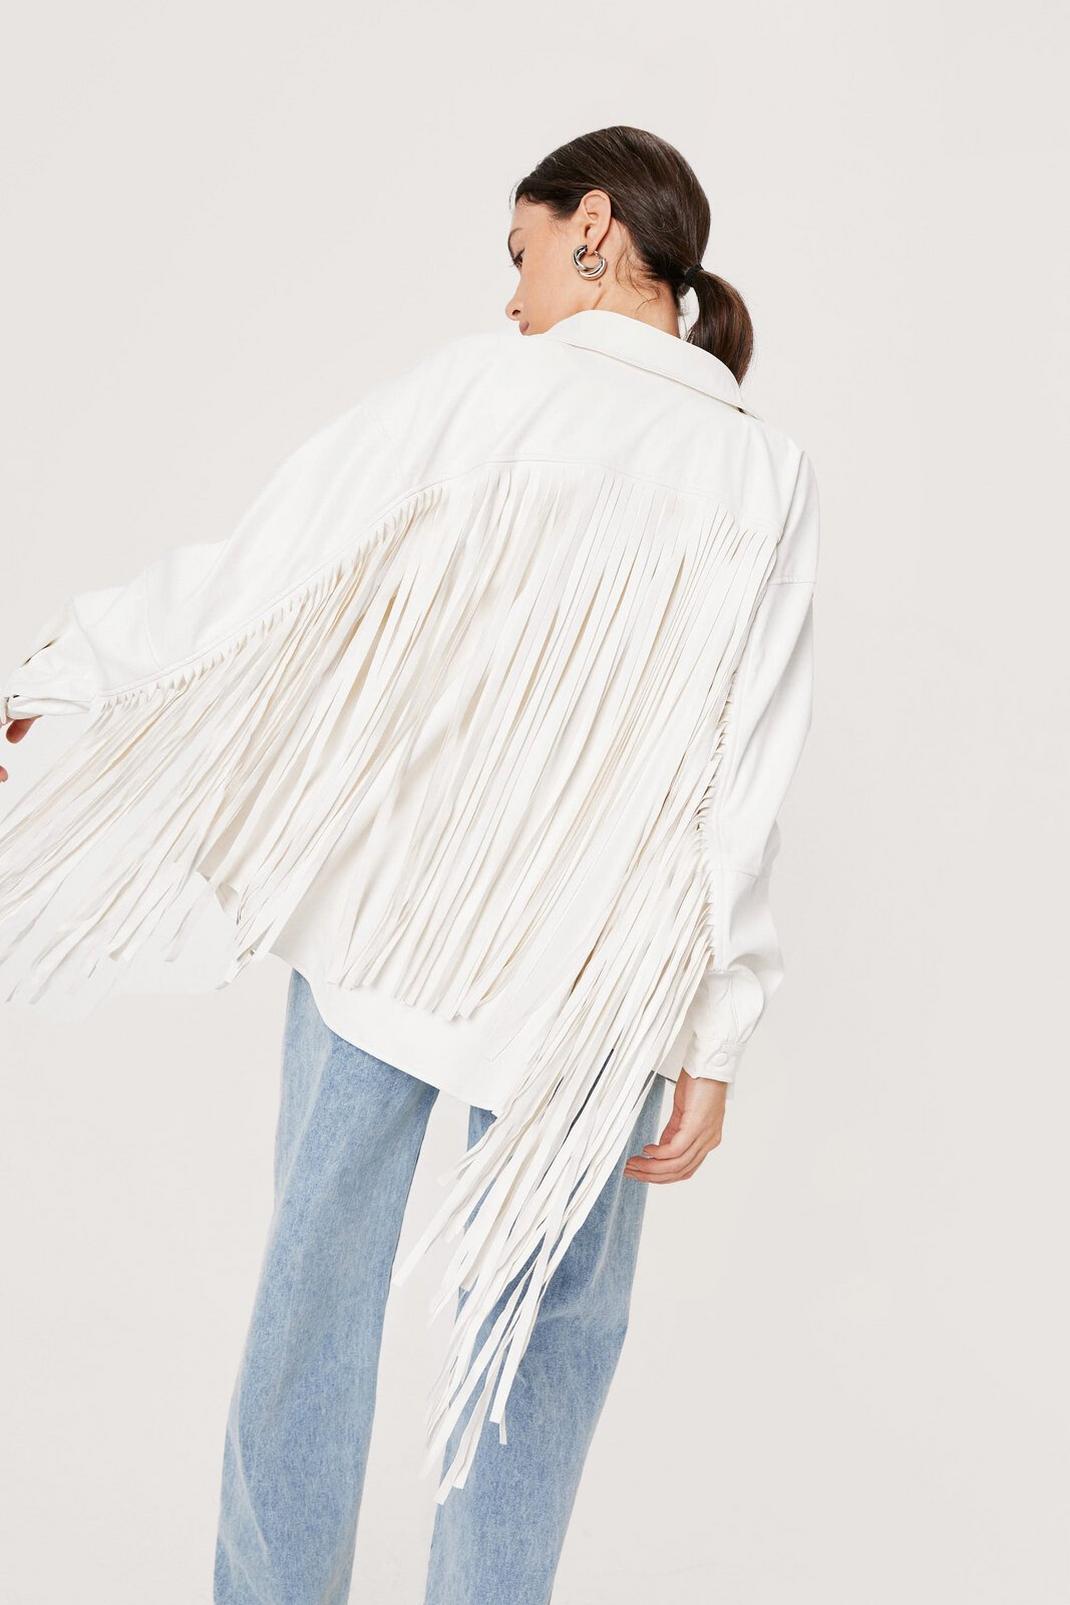 Fringed Faux Leather Shirt Jacket